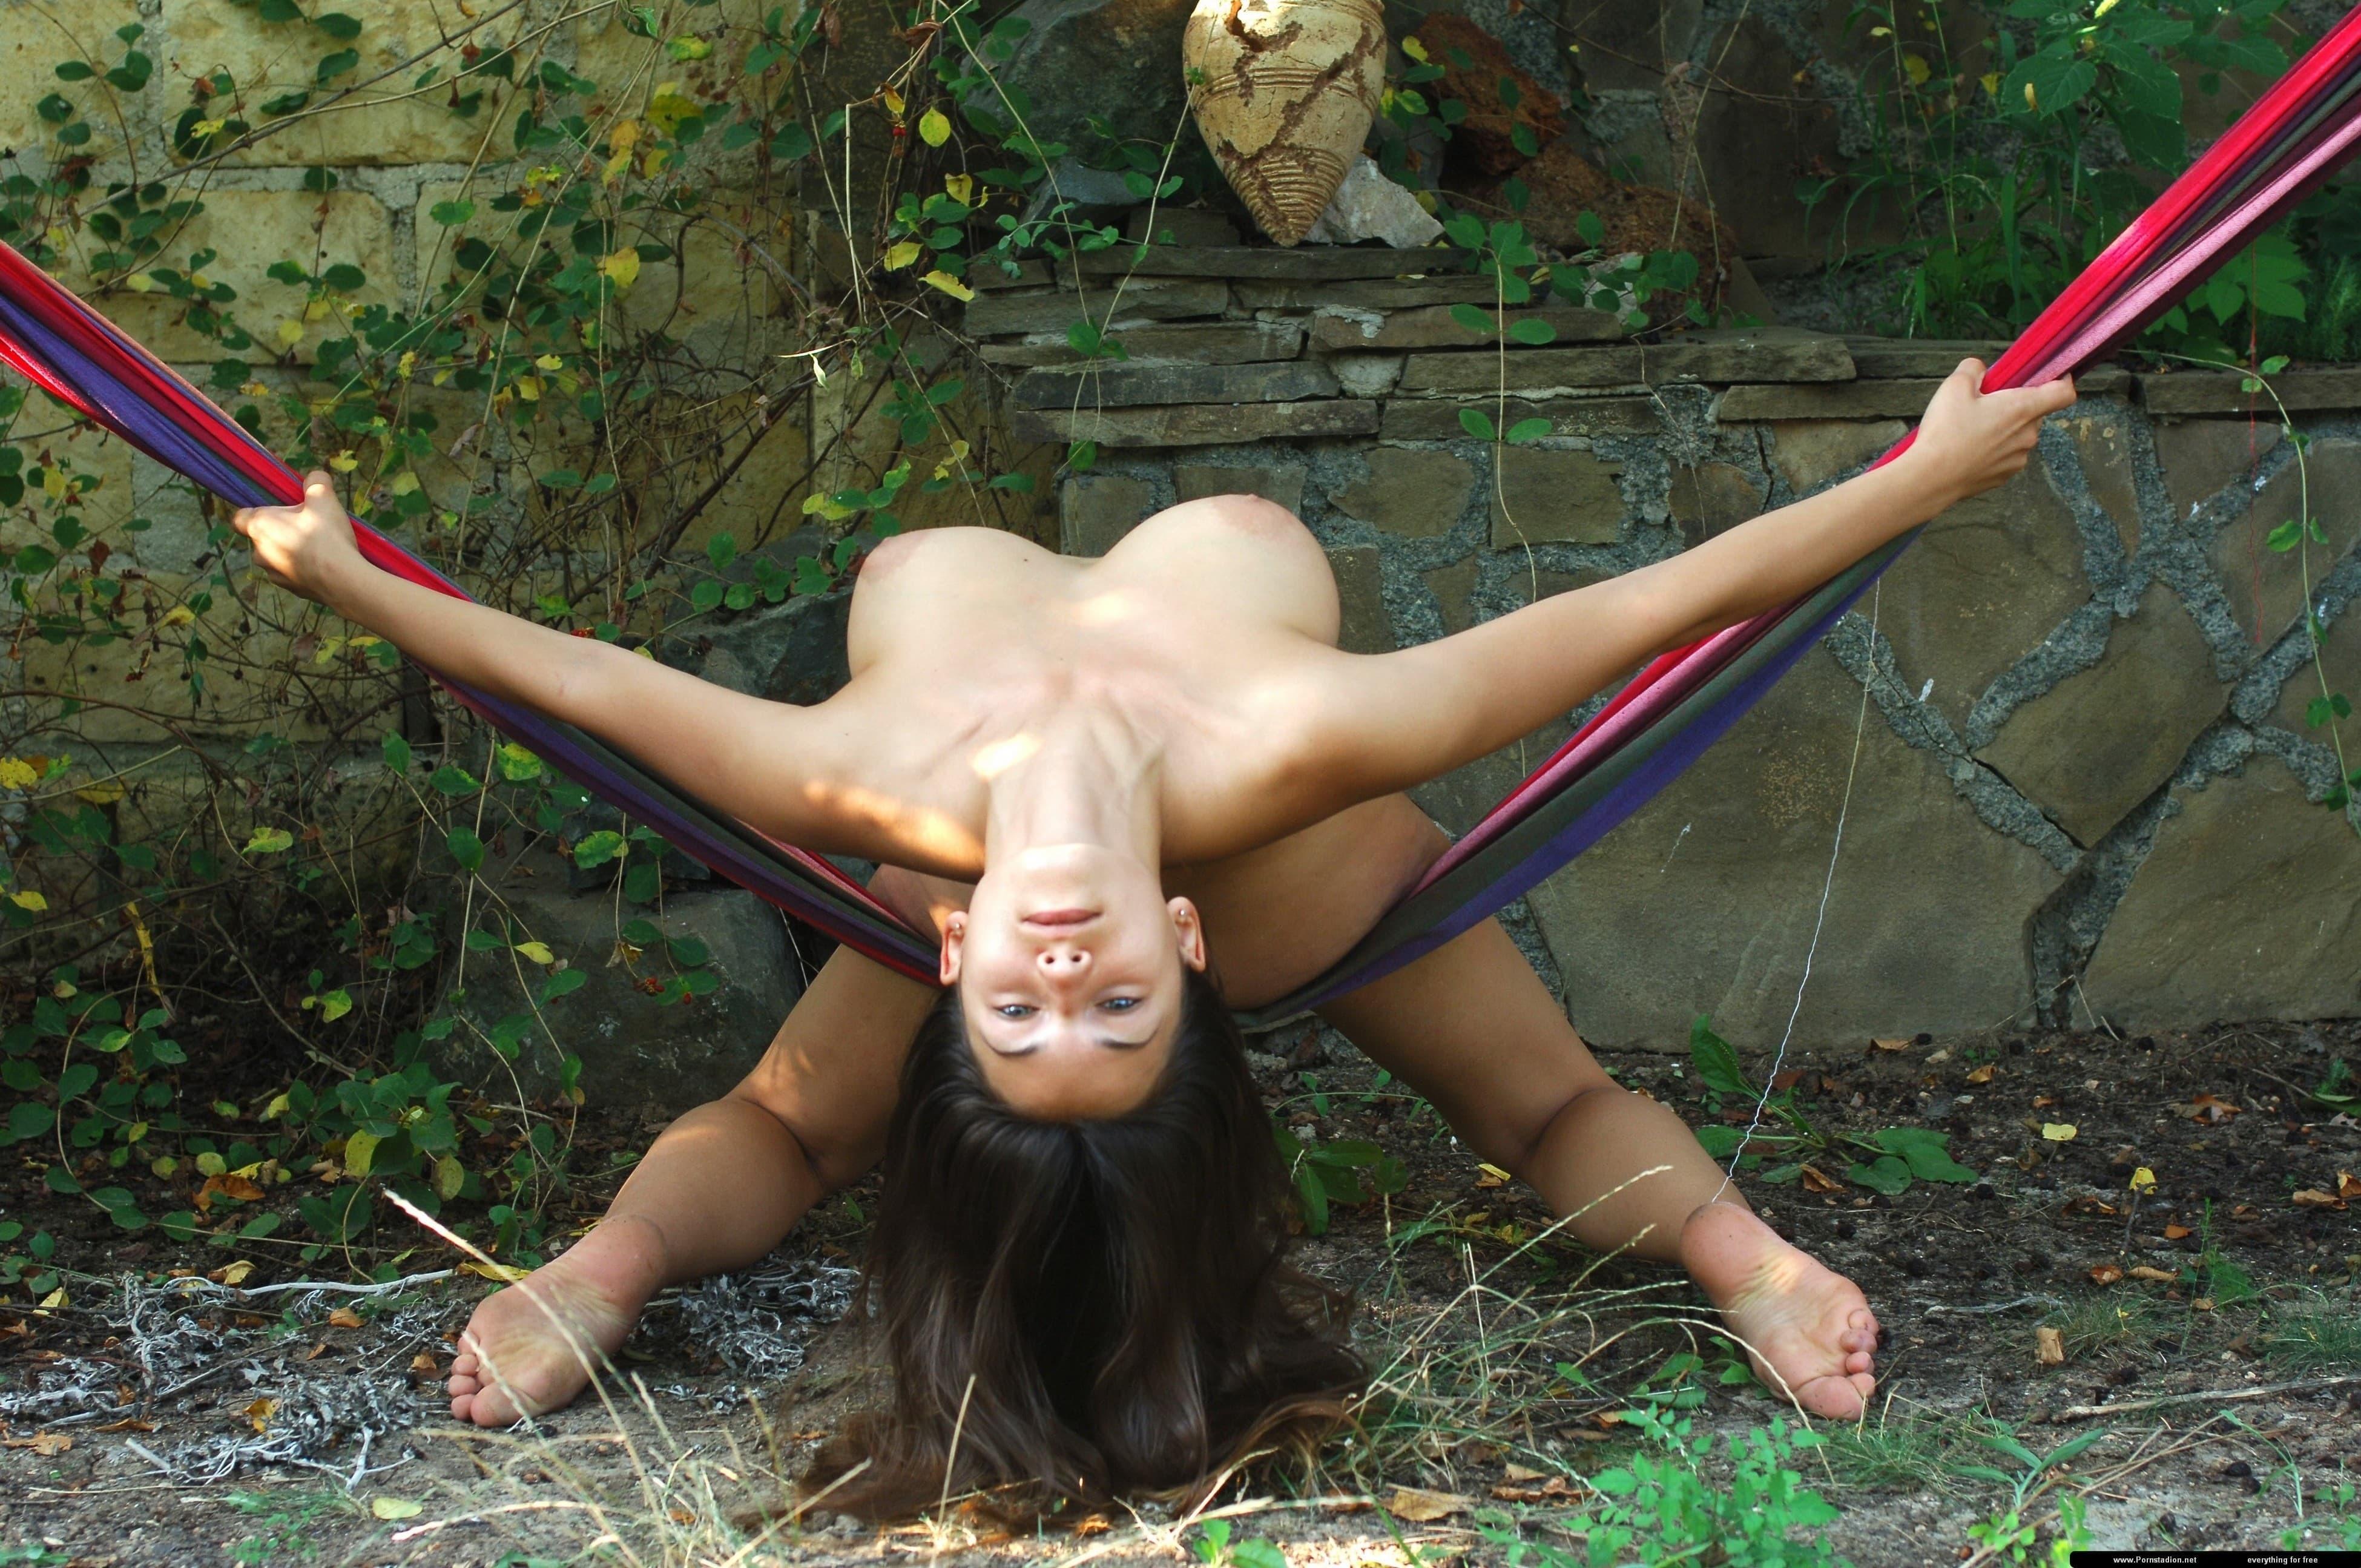 Голая девушка с огромными сиськами в гамаке - фото